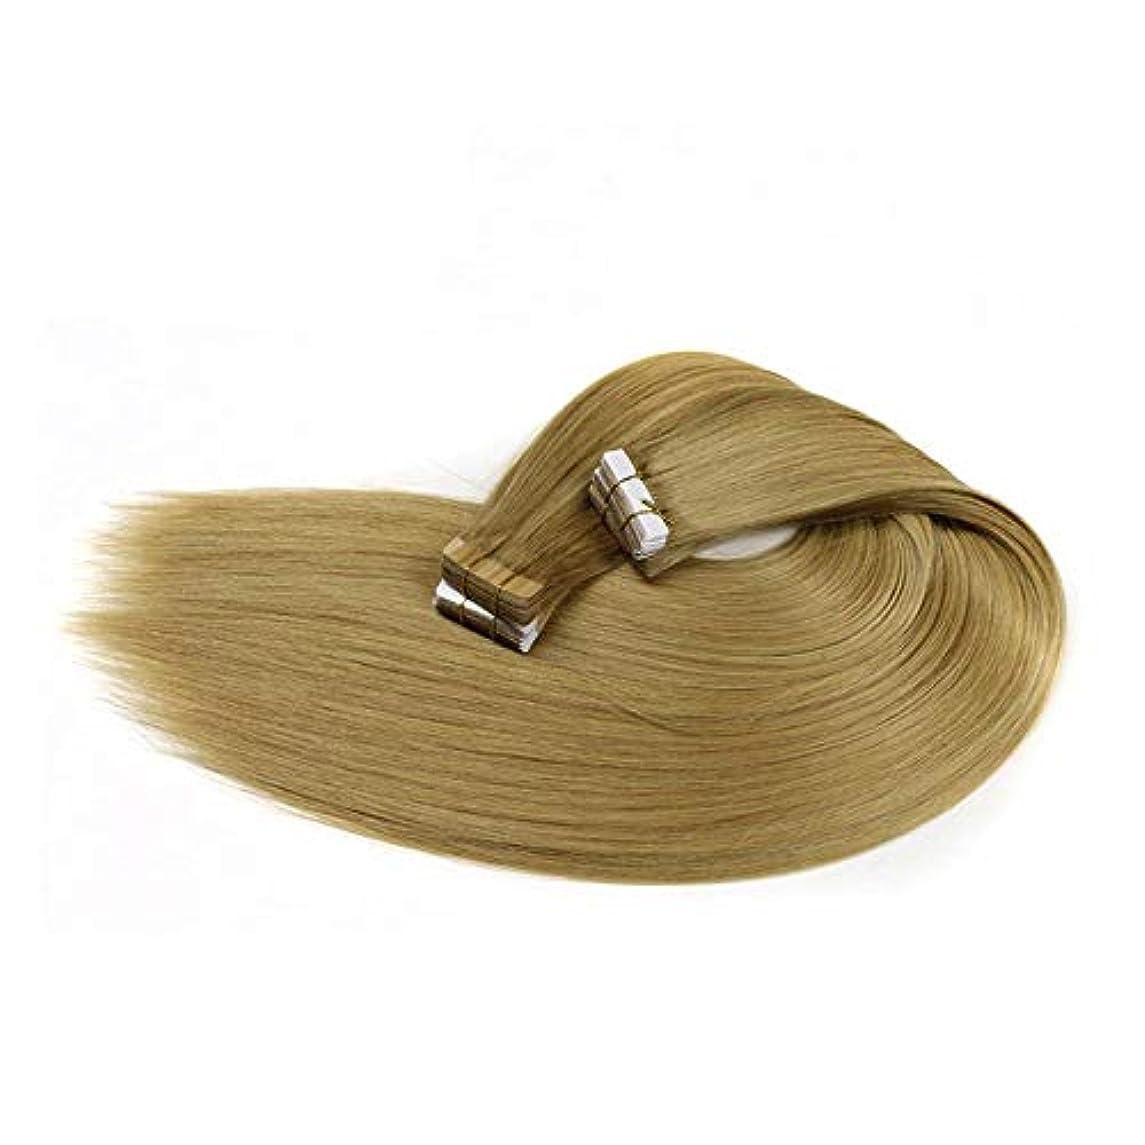 不快連合緯度WASAIO ヘアエクステンションクリップUnseamed髪型ブリーチブロンド、ブラジルの100%人間レミーナノ (色 : Blonde, サイズ : 12 inch)